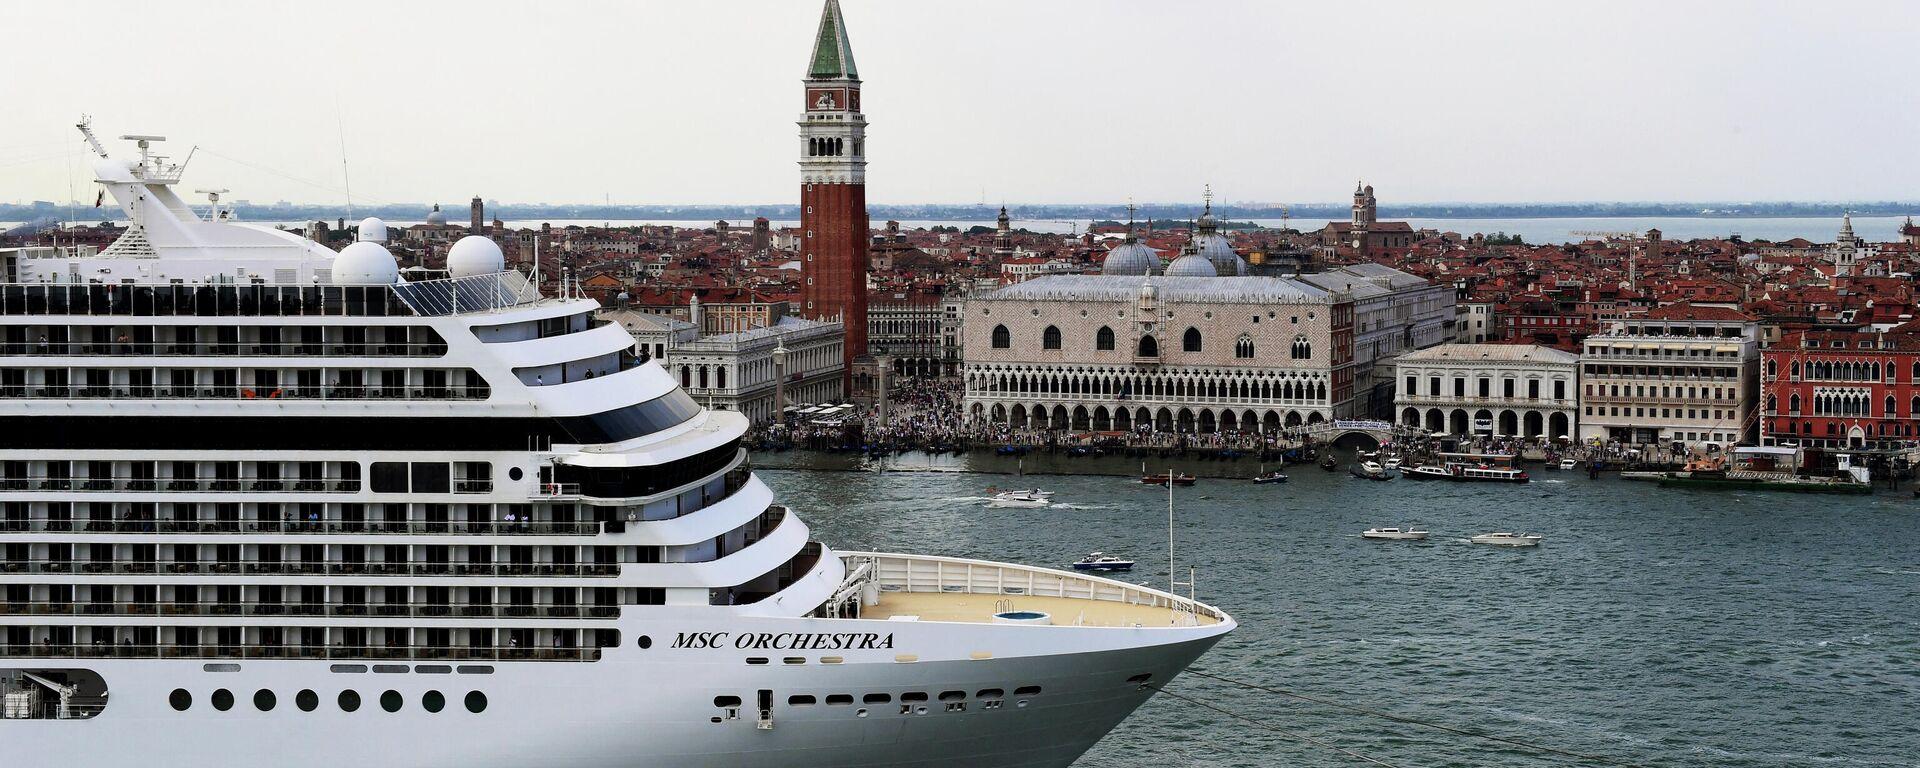 Un crucero en Venecia, Italia - Sputnik Mundo, 1920, 14.07.2021